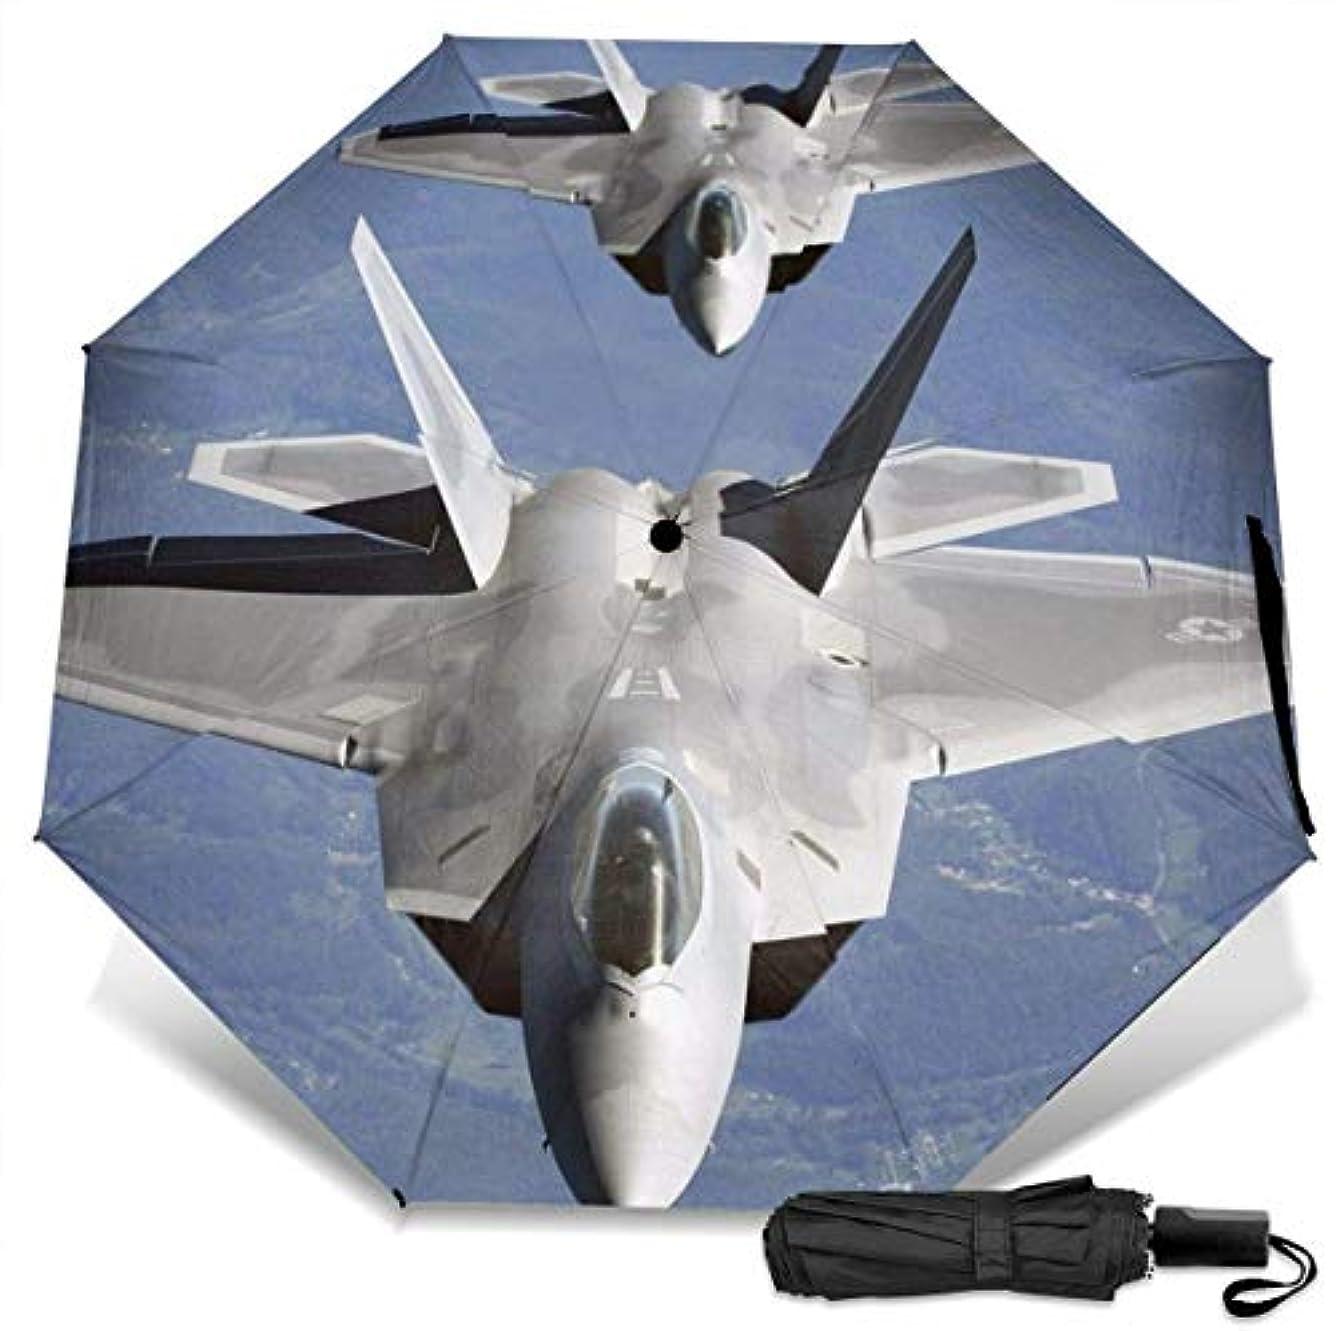 廊下呼び起こす用心するアメリカ空軍F-22ラプターインザスカイ-アメリカ空軍折りたたみ傘 軽量 手動三つ折り傘 日傘 耐風撥水 晴雨兼用 遮光遮熱 紫外線対策 携帯用かさ 出張旅行通勤 女性と男性用 (黒ゴム)